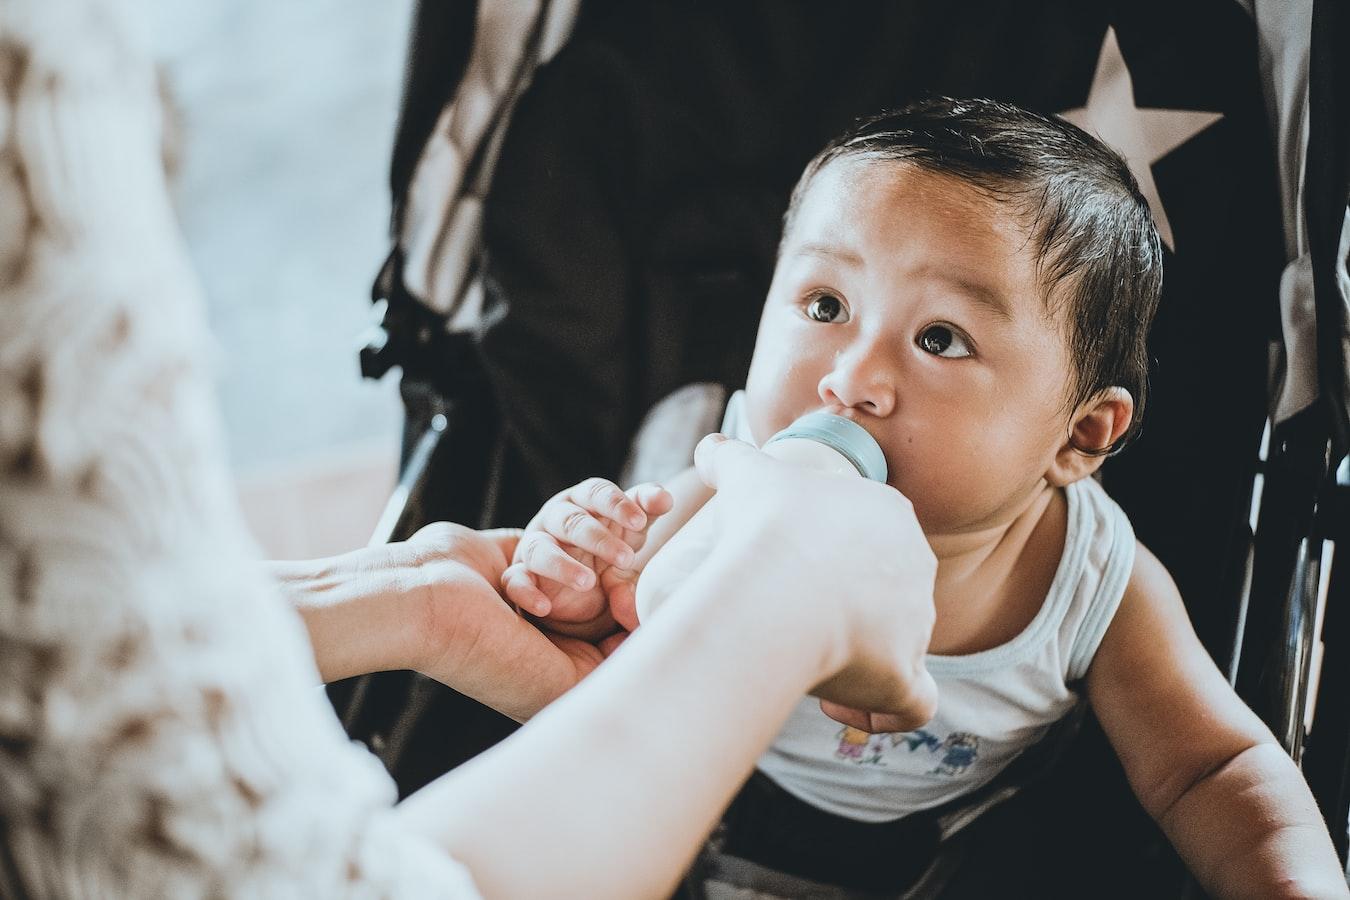 嬰兒配方奶該怎麼選?新手媽媽把握三大原則不心慌 | Heho健康